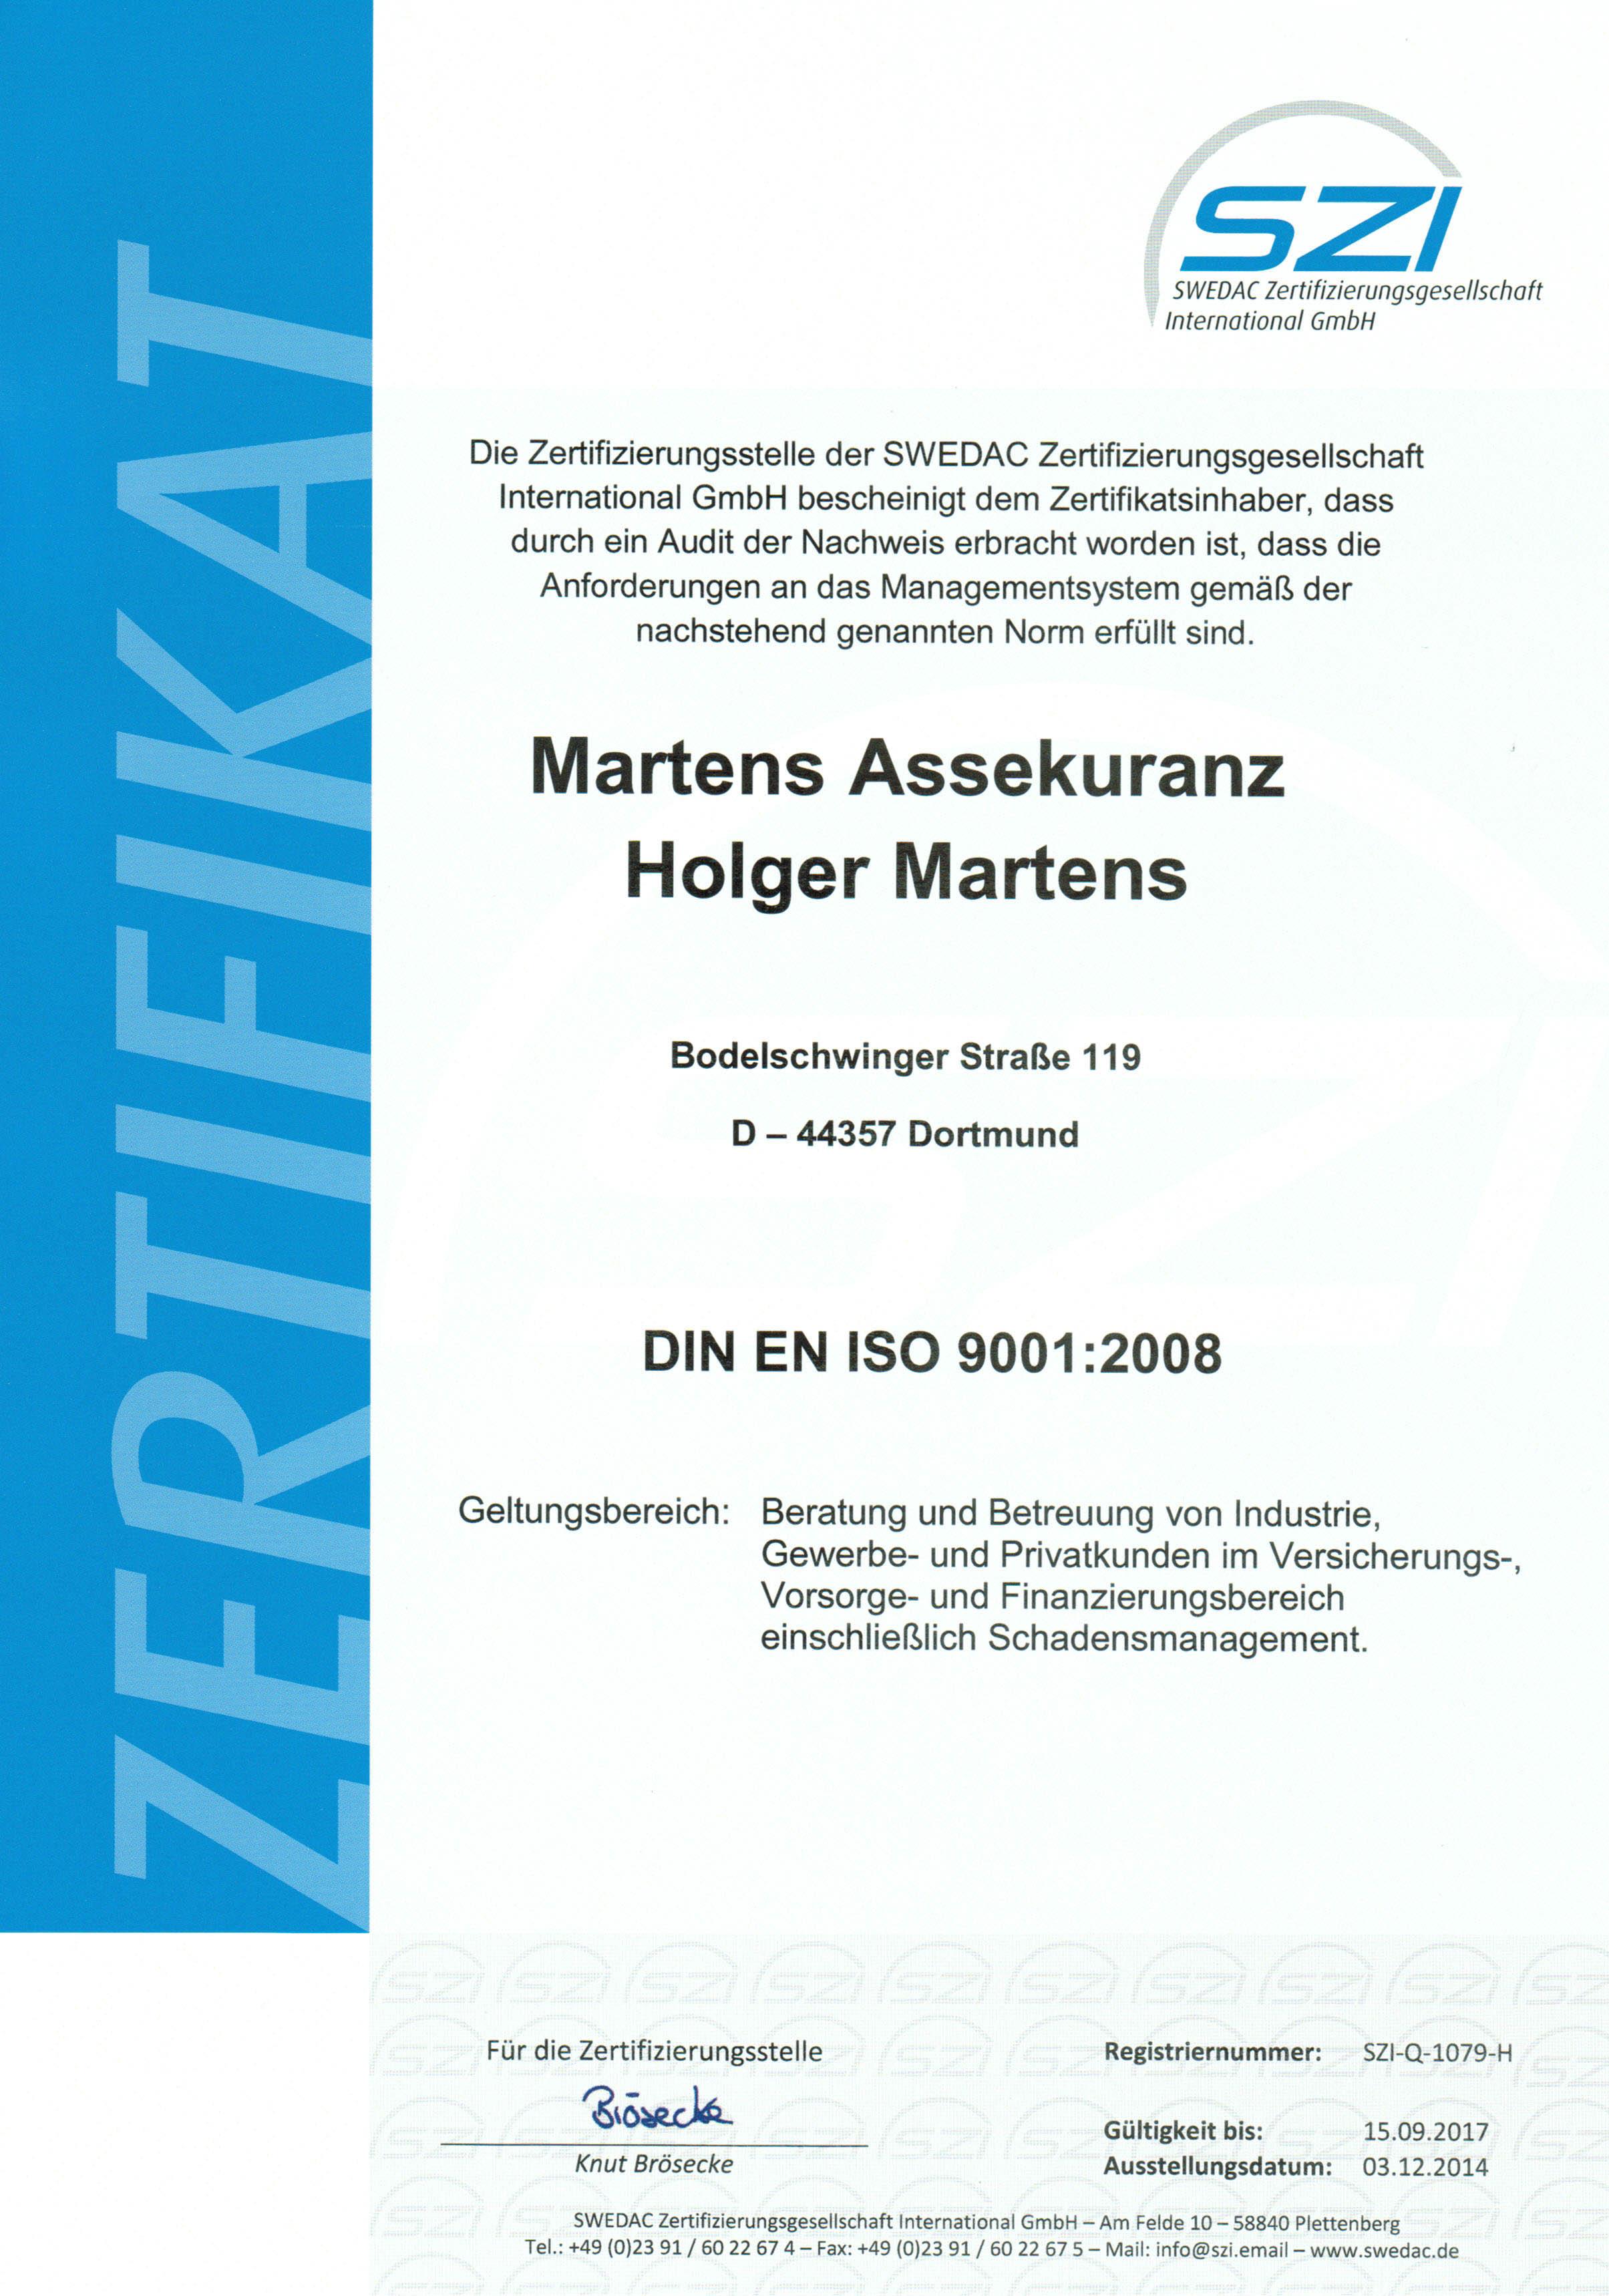 SZI-Q-1079-H Zertifikat Holger Martens Assekuranz